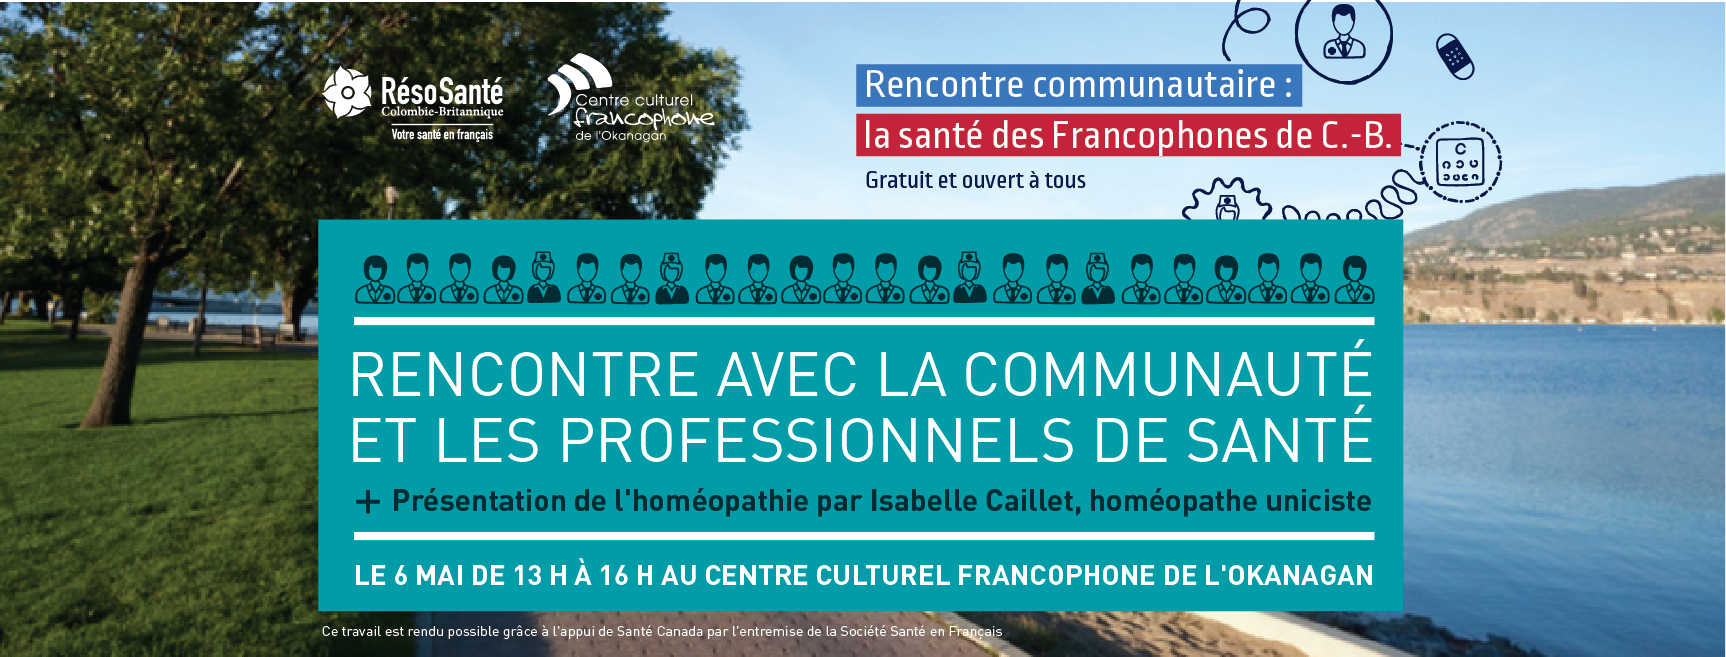 rs-kelowna-banniere rencontre communautaire santé des francophones